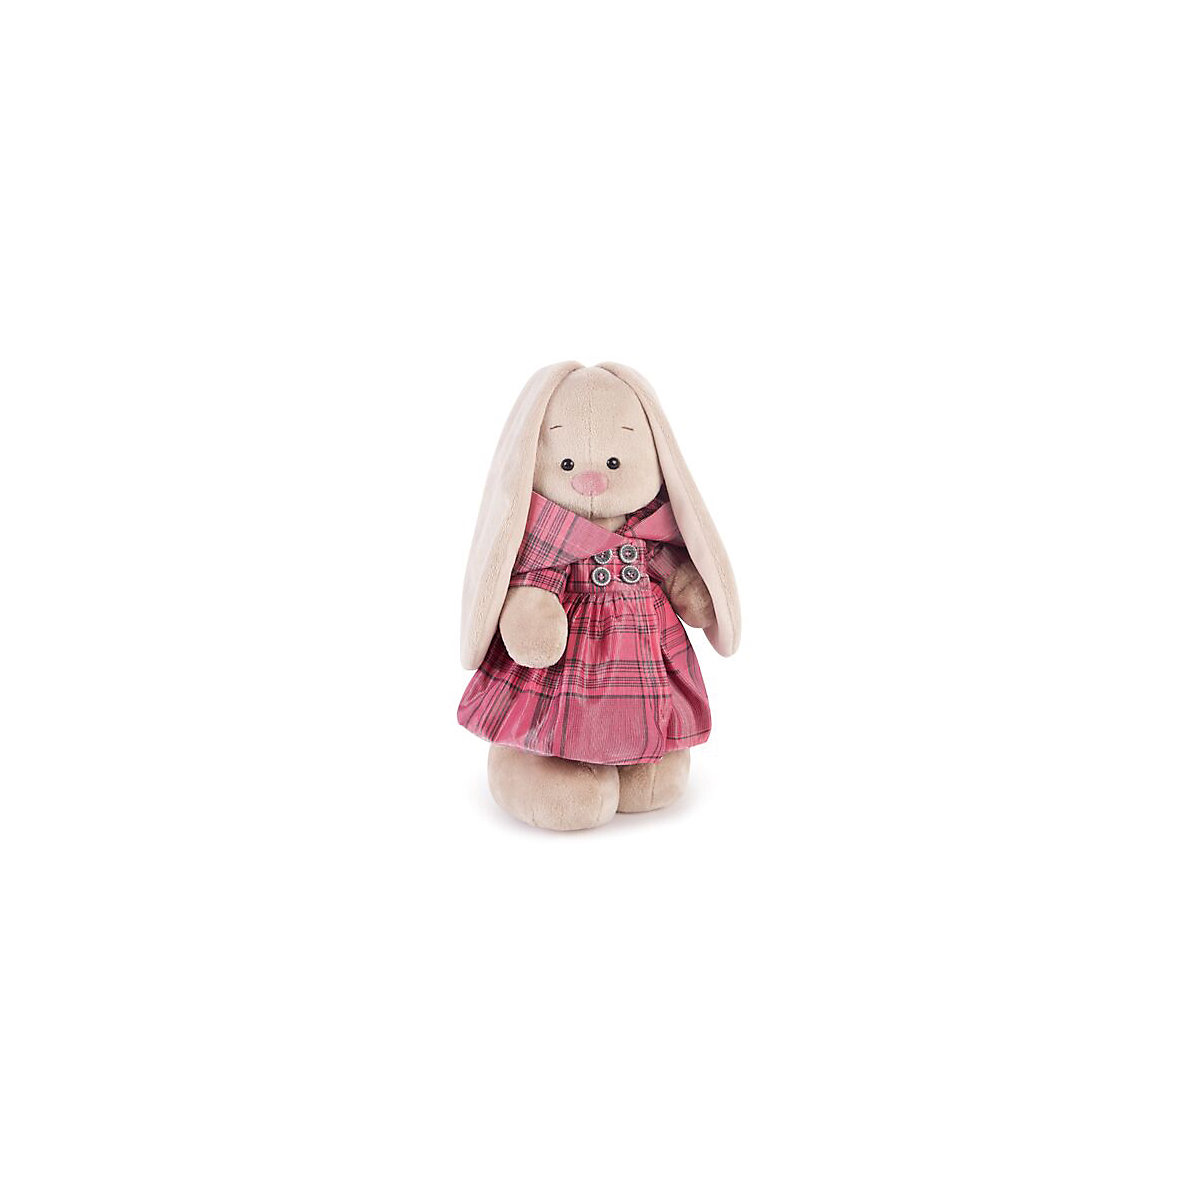 BUDI BASA peluche y felpa animales 7231238 conejo niñas suave juguete amigo animal juego juguetes MTpromo